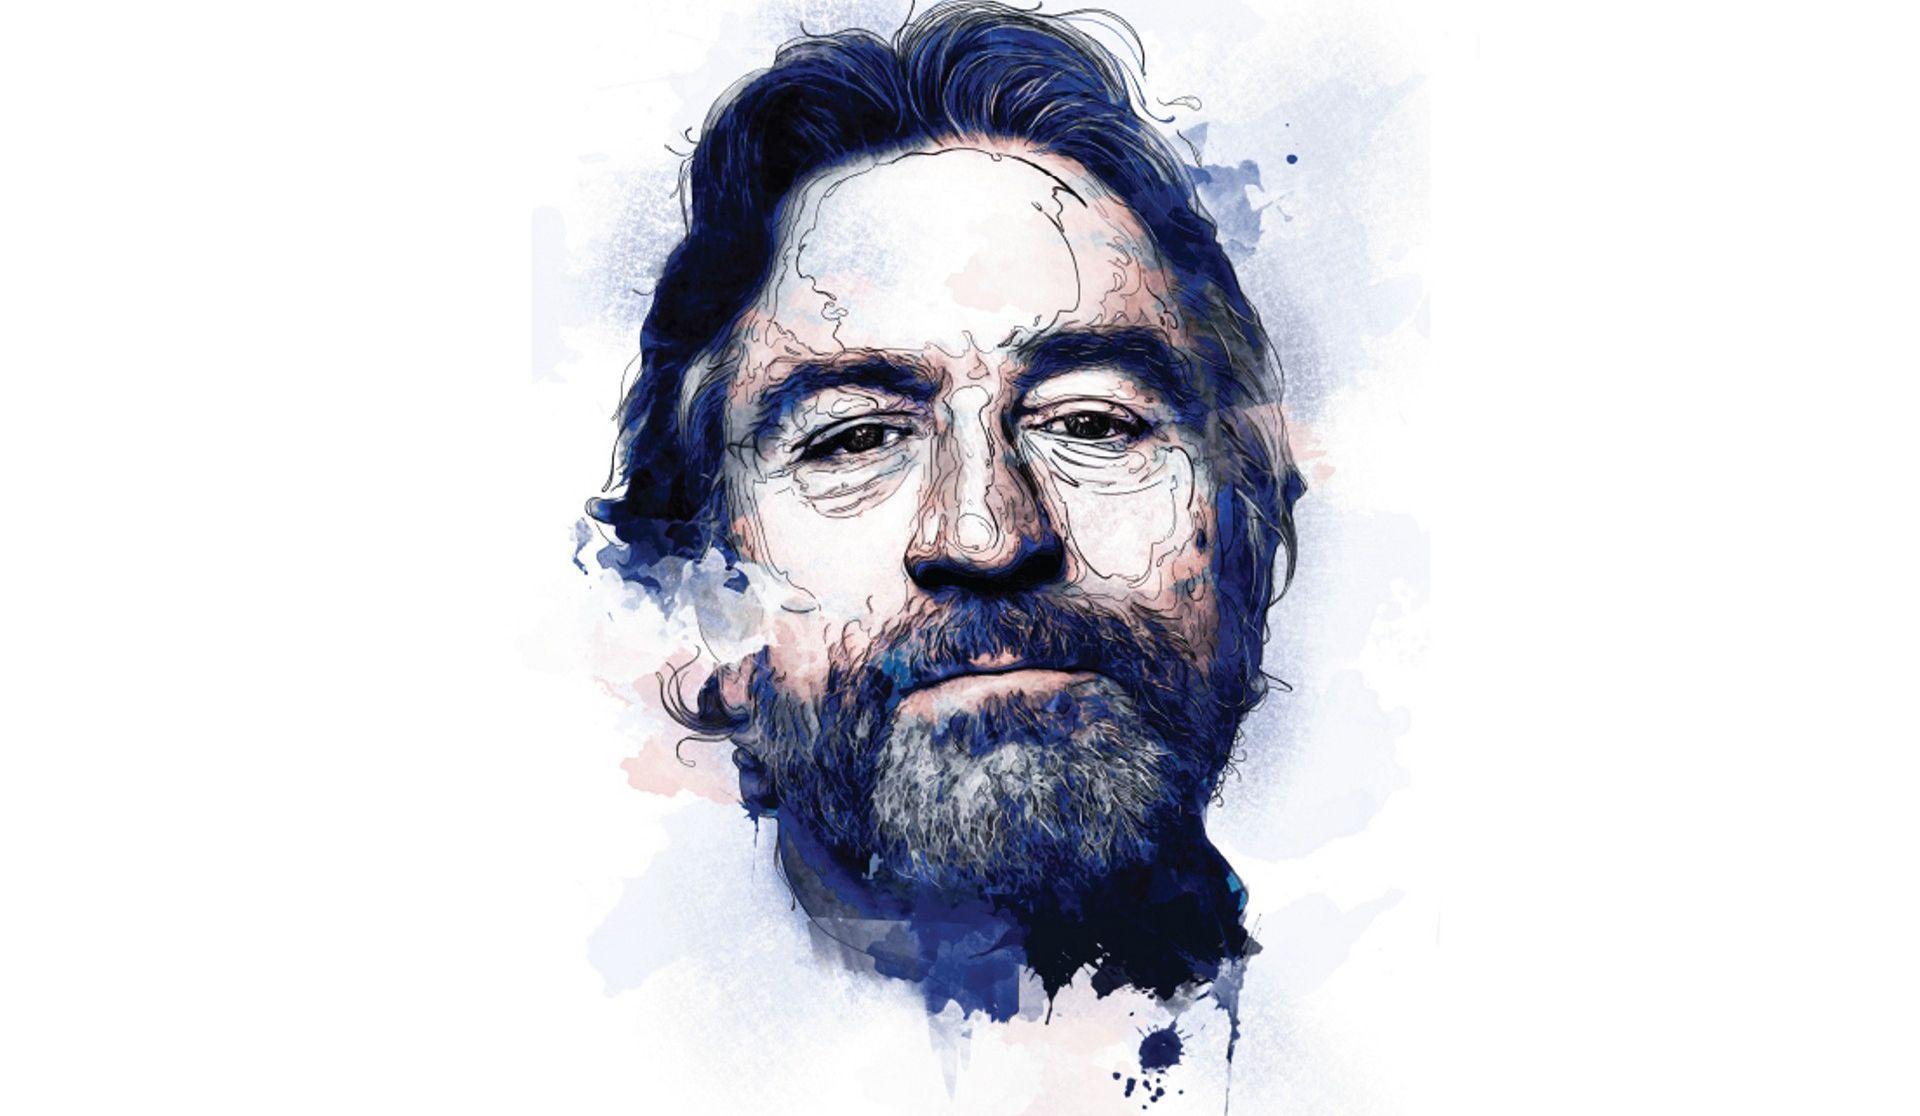 Robert De Niro Artwork Actors Wallpapers HD / Desktop and Mobile ...